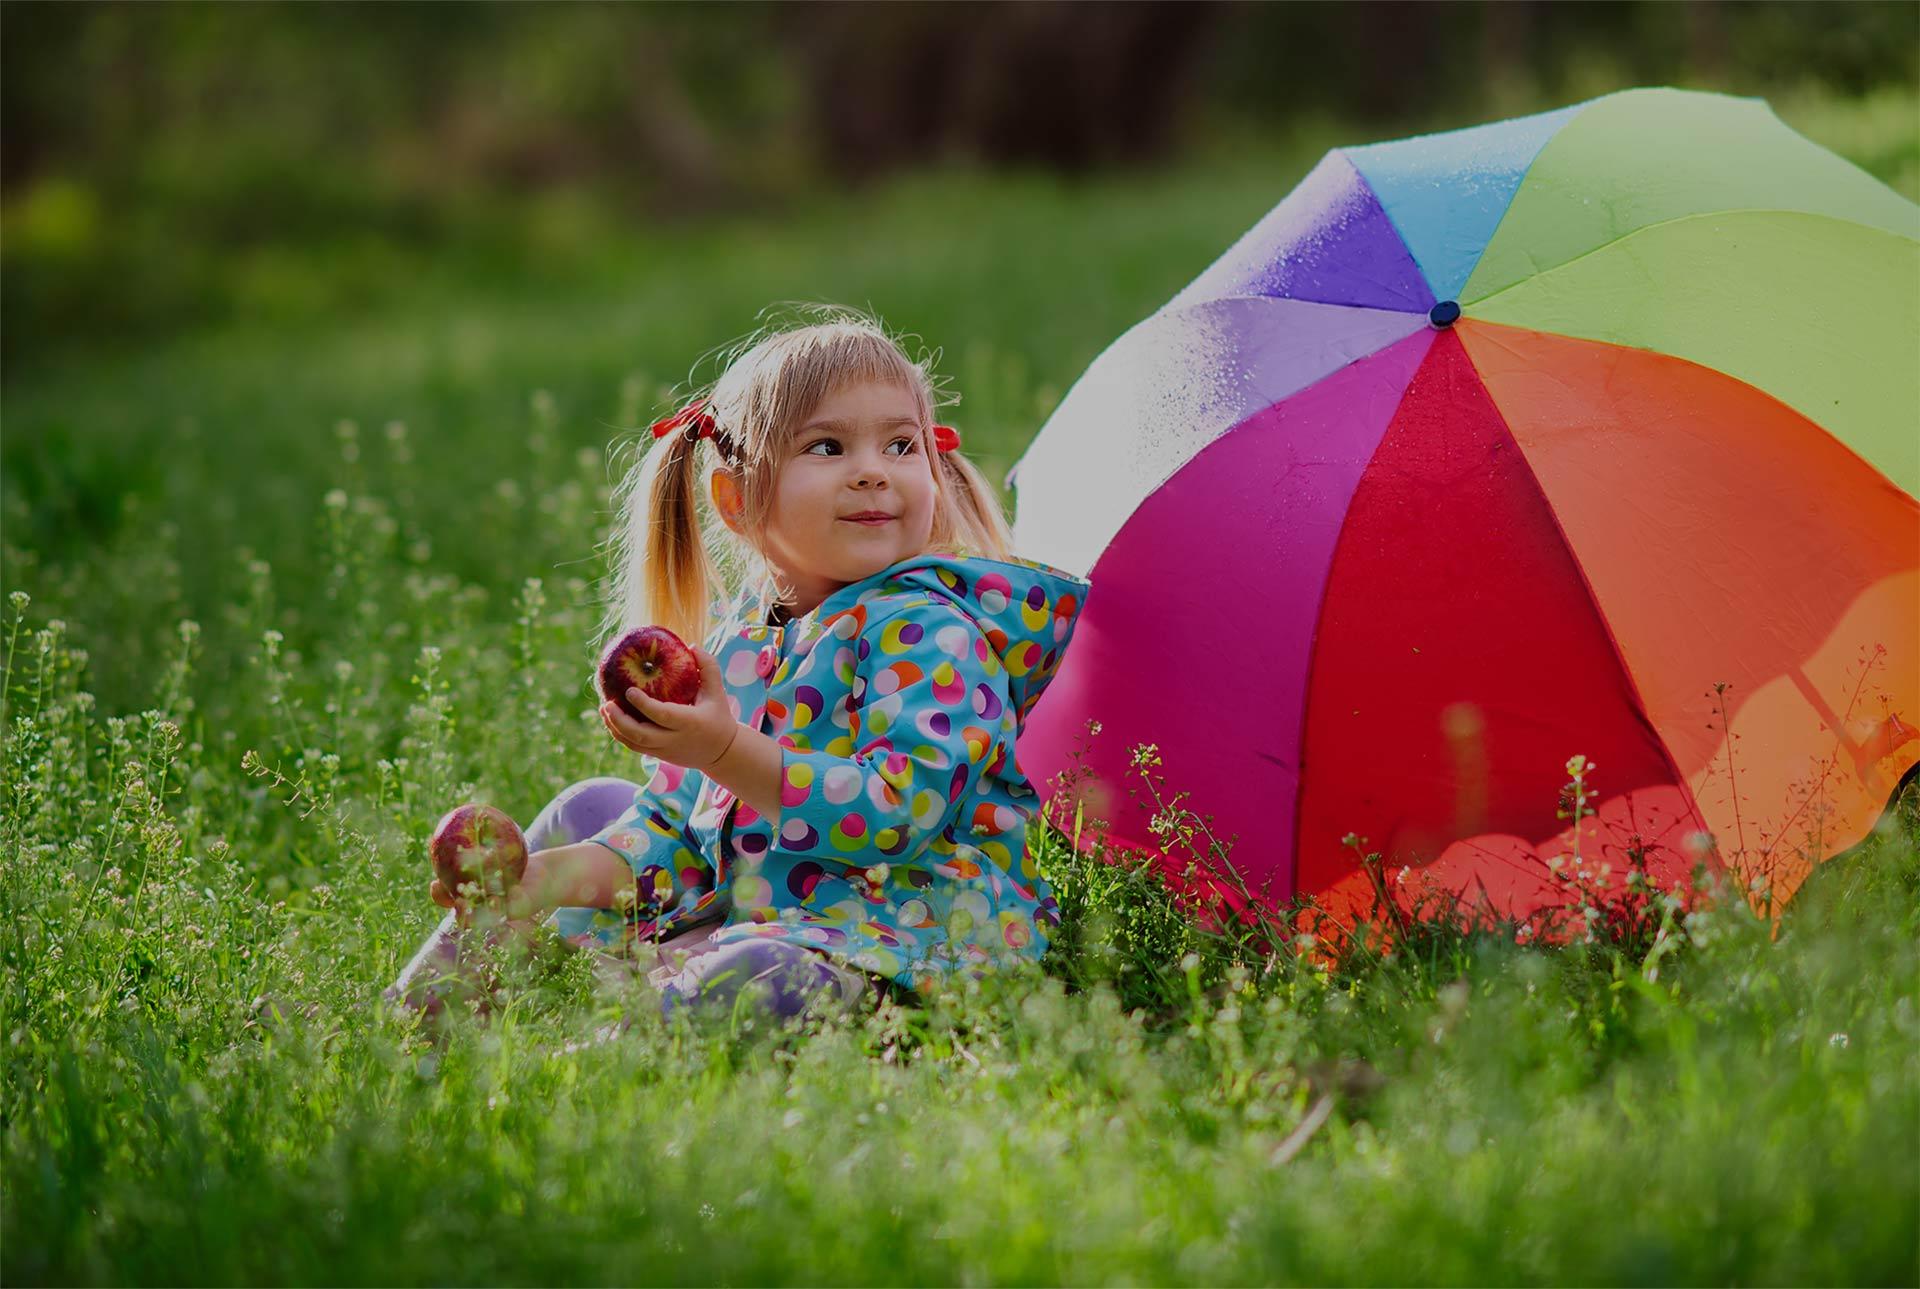 γνώση και εμπειρία μέσα από τη γλύκα της παιδικότητας